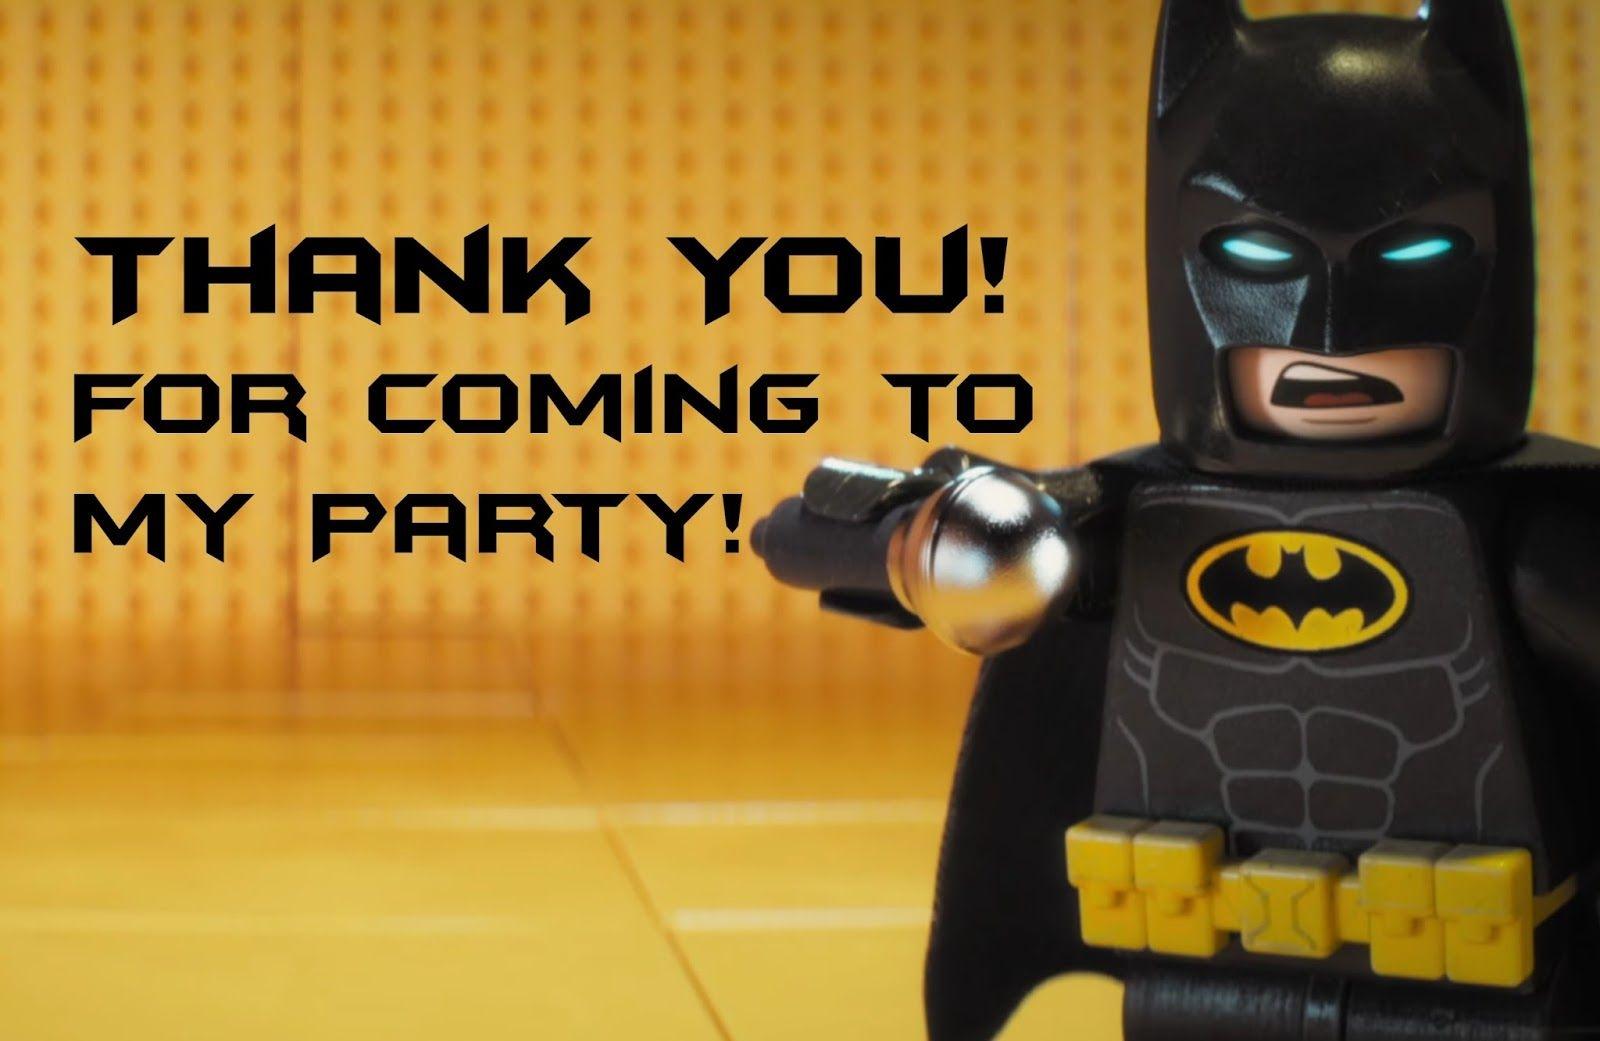 Lego Batman Thank You Cards   Lego Party   Pinterest - Feestje En Lego - Free Printable Lego Batman